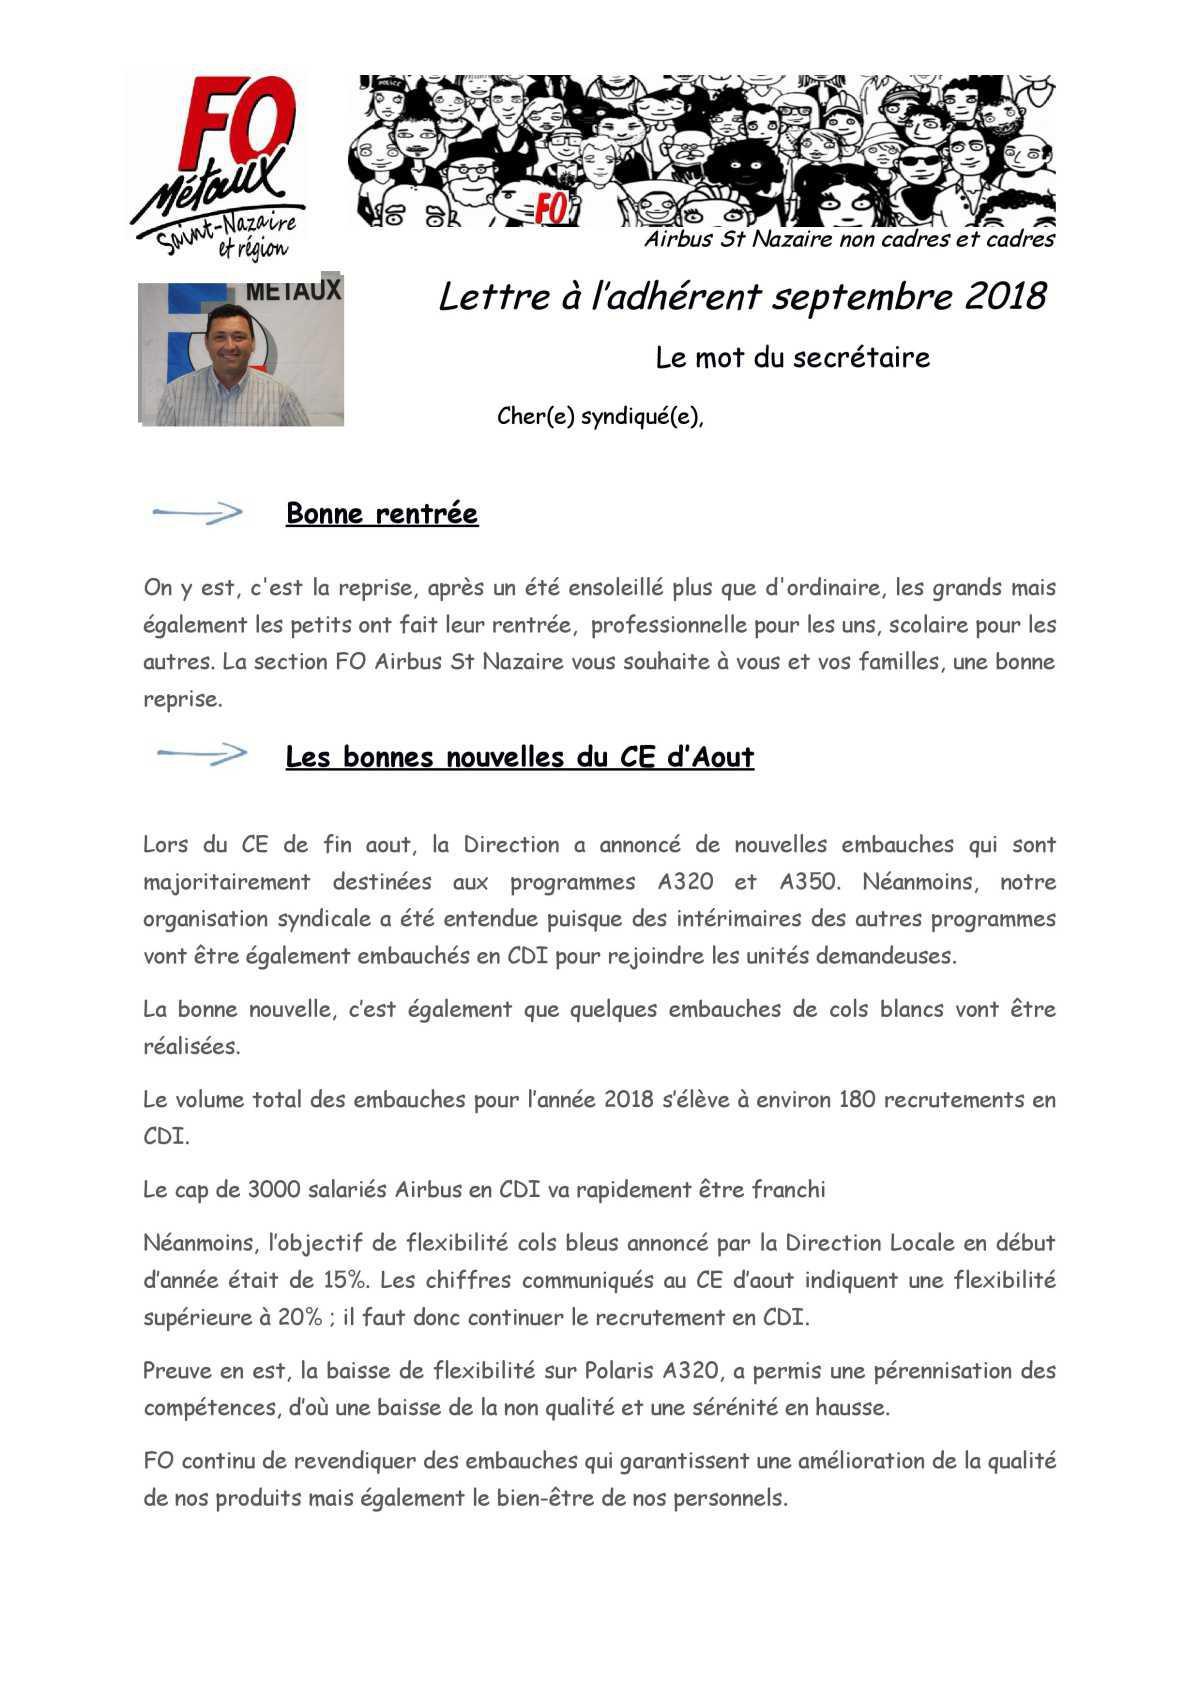 Lettre à l'adhérent septembre 2018